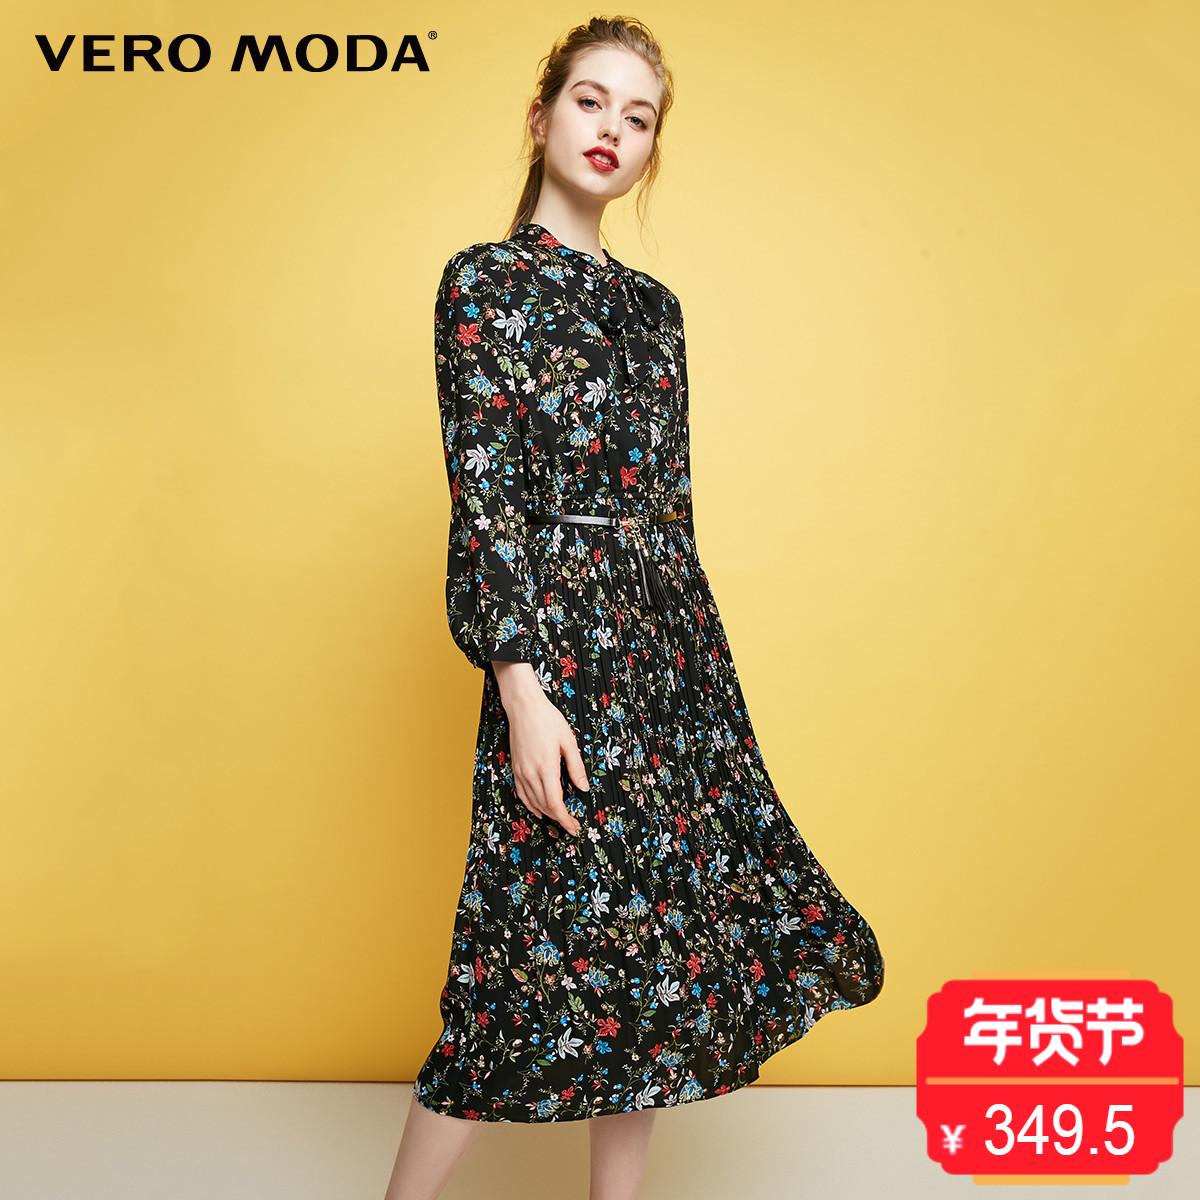 Vero Moda2017冬季新款碎花系带百褶雪纺连衣裙|31747C503